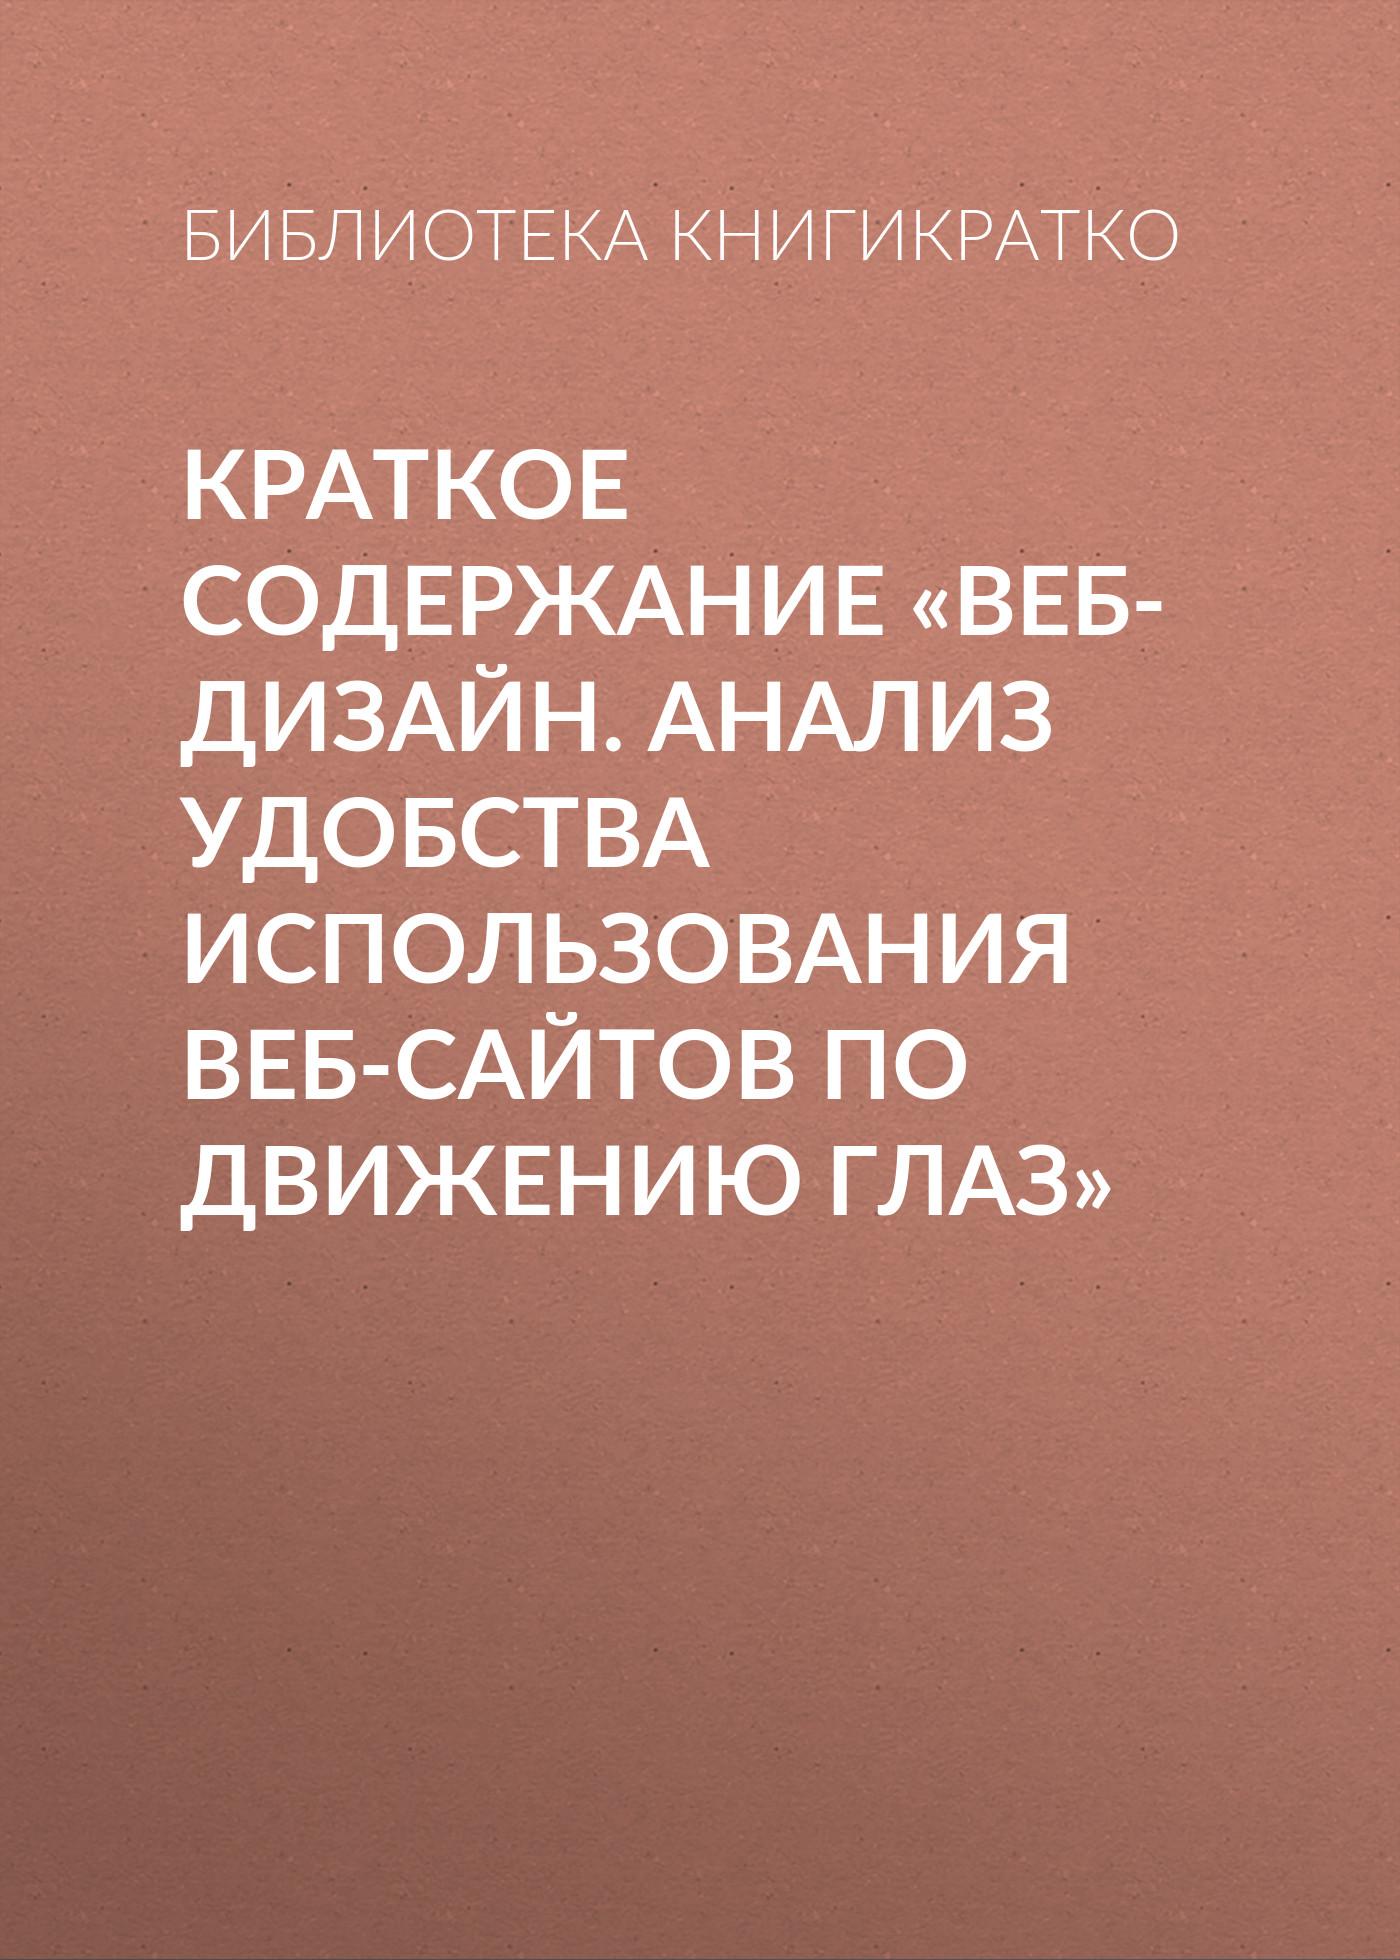 Библиотека КнигиКратко Краткое содержание «Веб-дизайн. Анализ удобства использования веб-сайтов по движению глаз» пуленепробиваемый веб дизайн библиотека специалиста